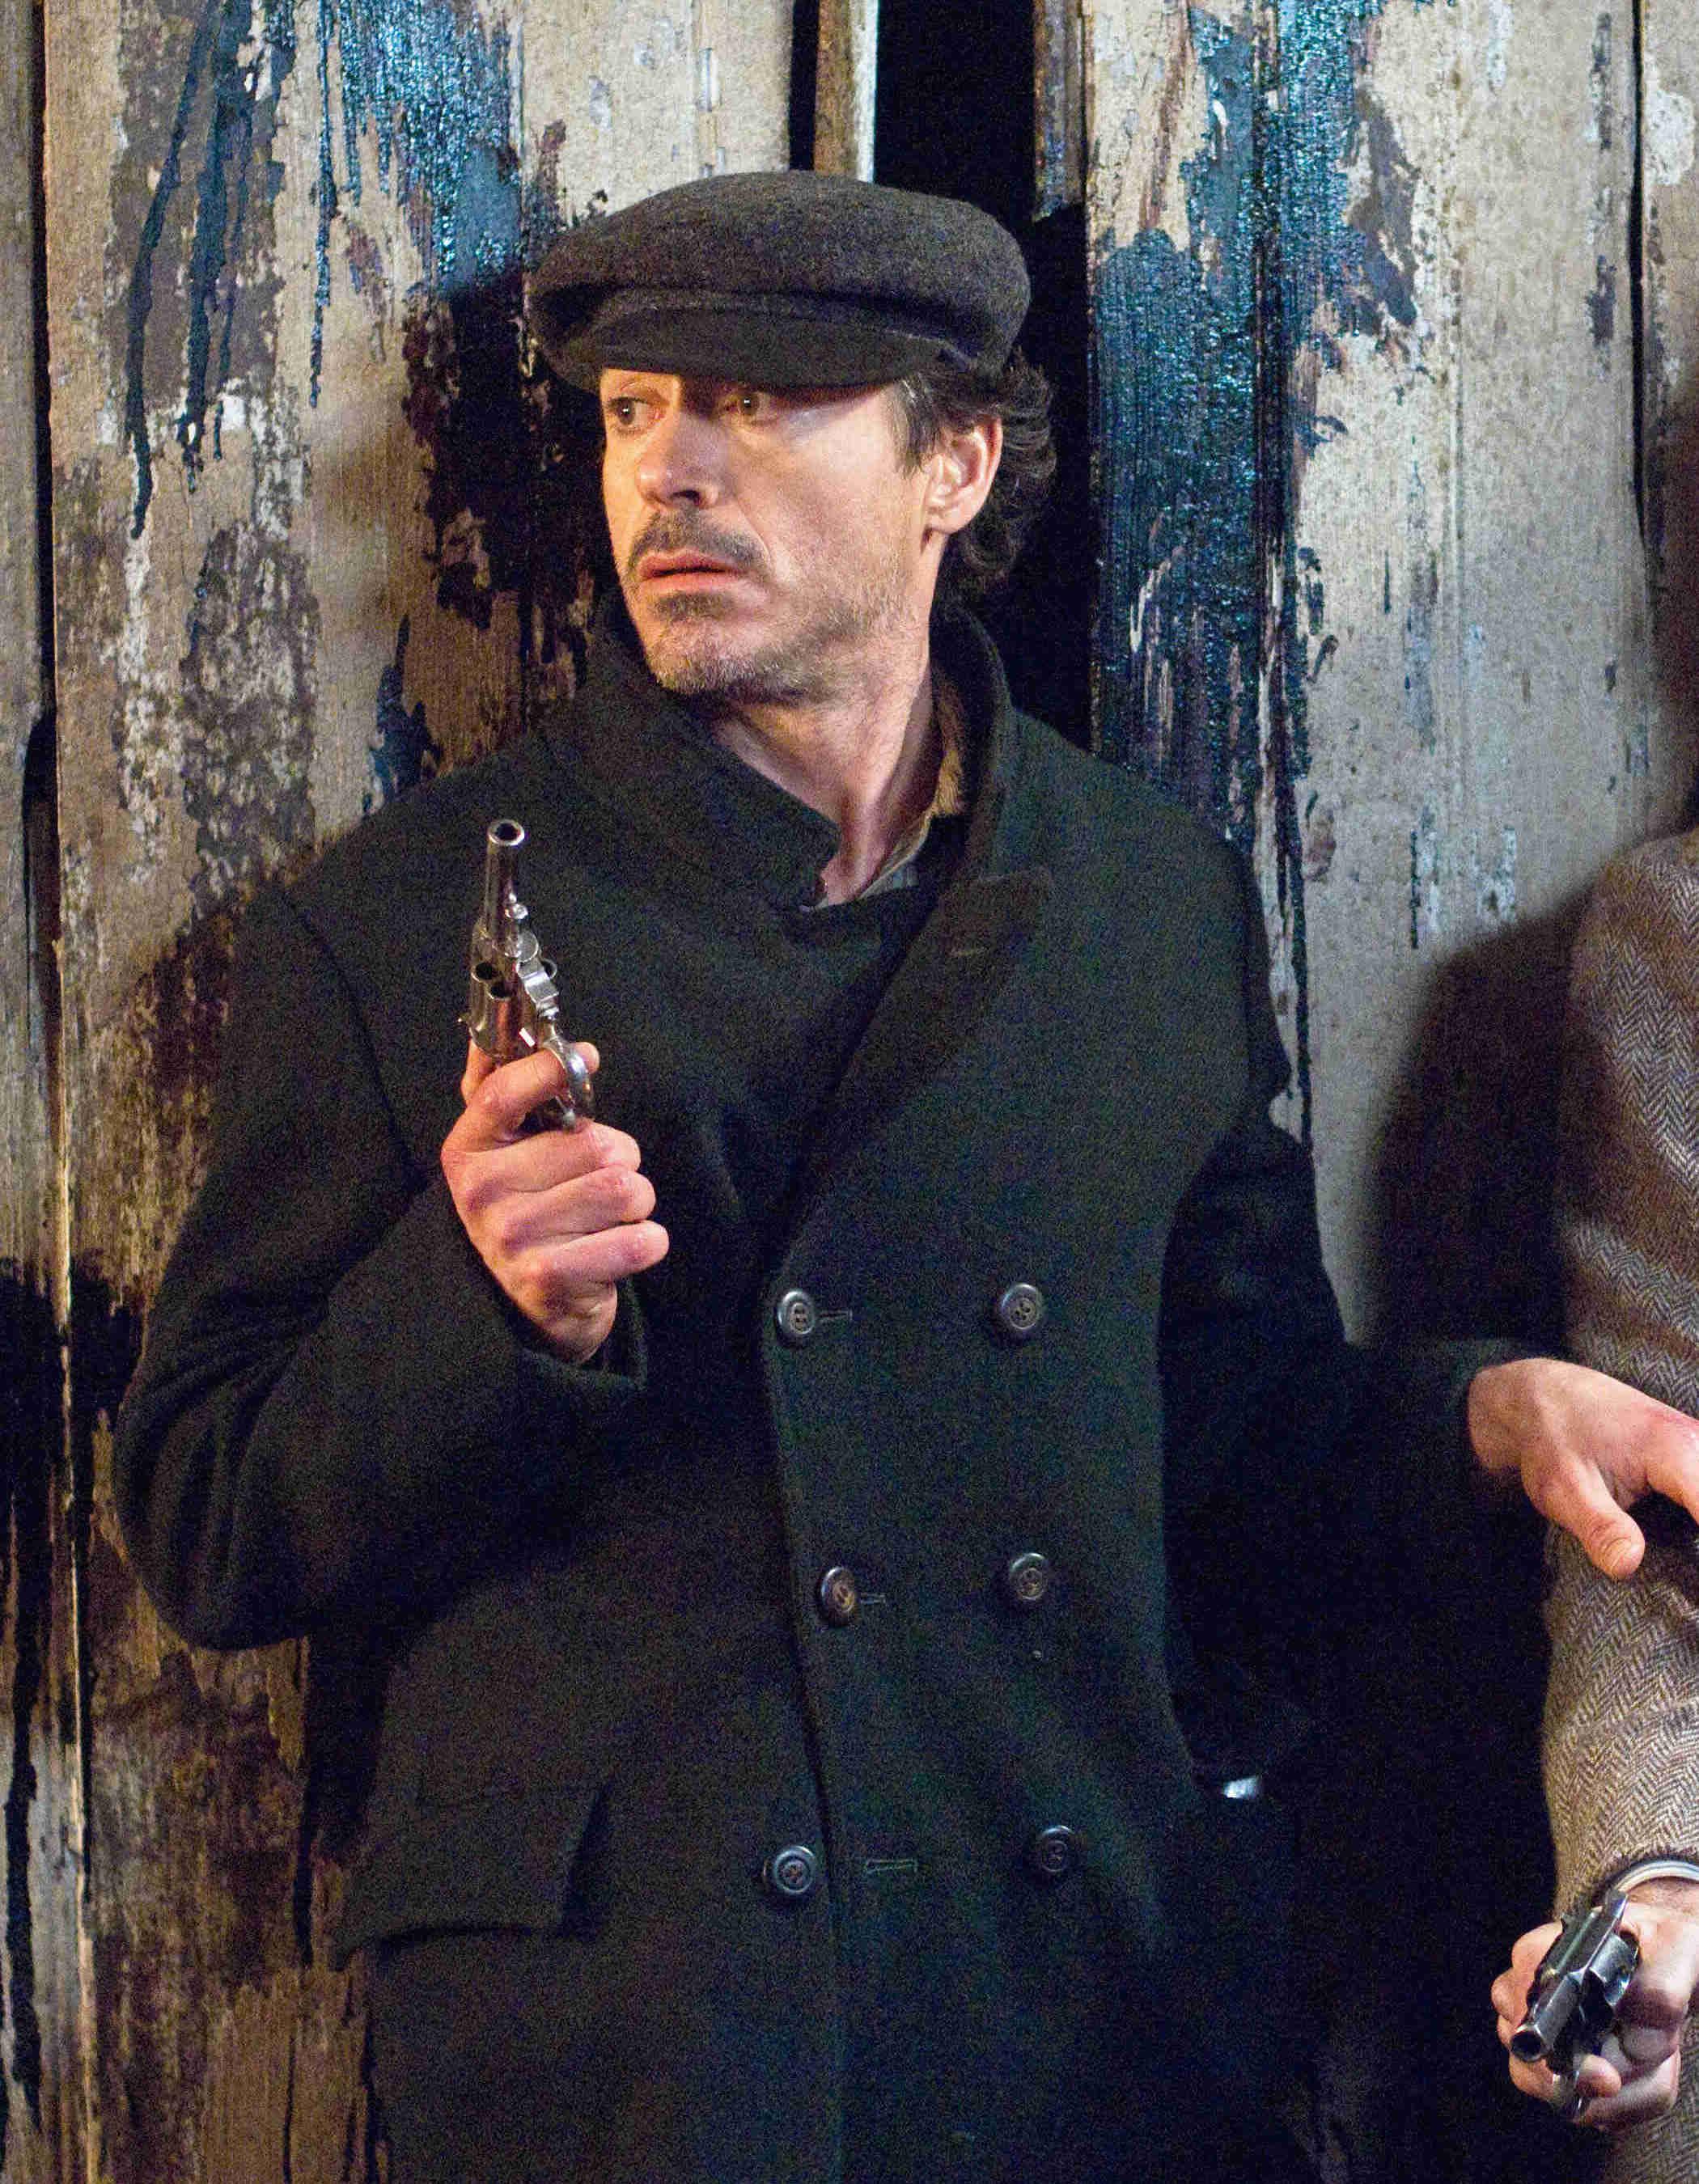 Robert Downey Jr. as Sherlock Holmes in Sherlock Holmes (2009) 3dbf854fa